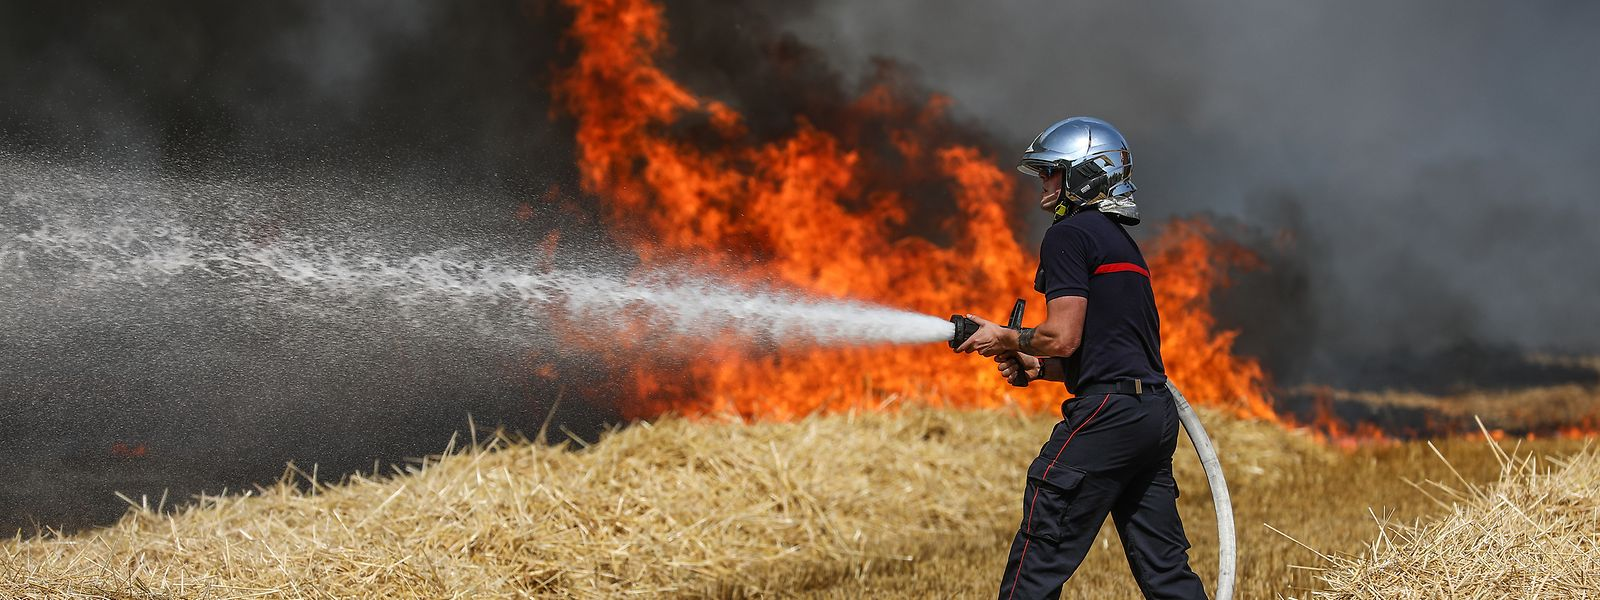 90 Feuerwehrmänner aus 20 Einsatzzentren waren in Luxemburg-Hamm im Einsatz, um den Brand unter Kontrolle zu bekommen.